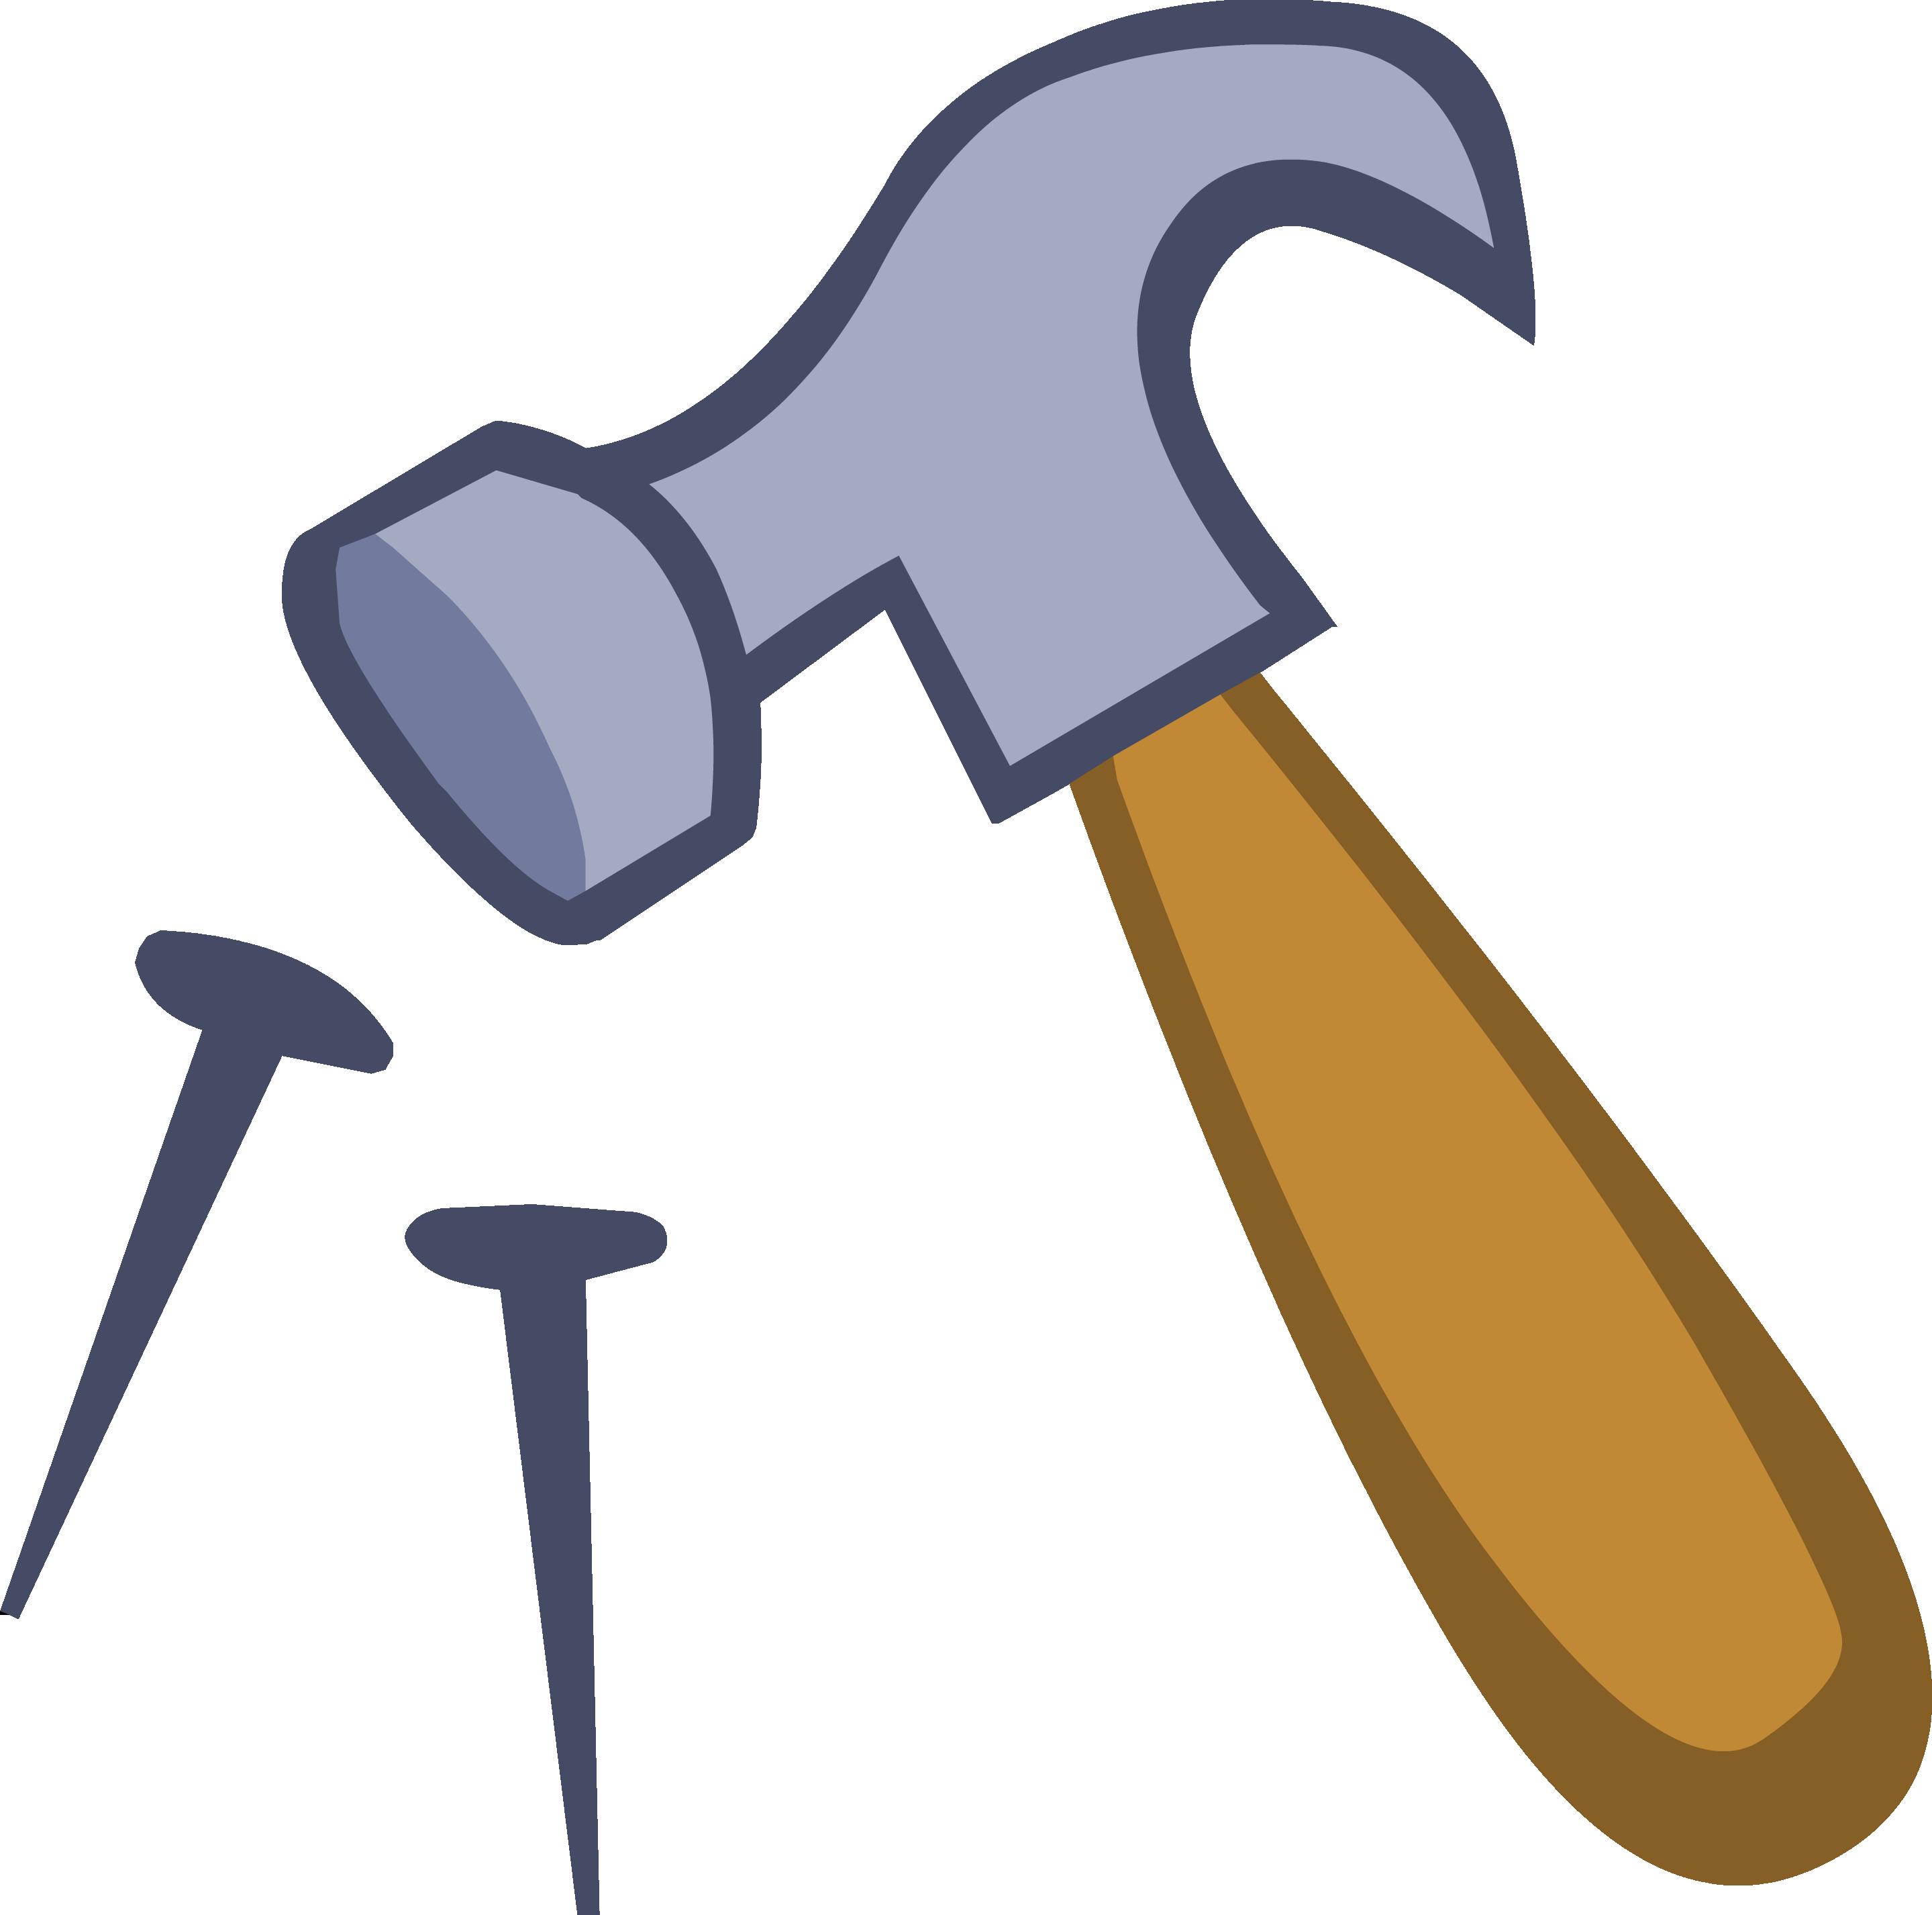 Hammer clipart martillo. The dokken family